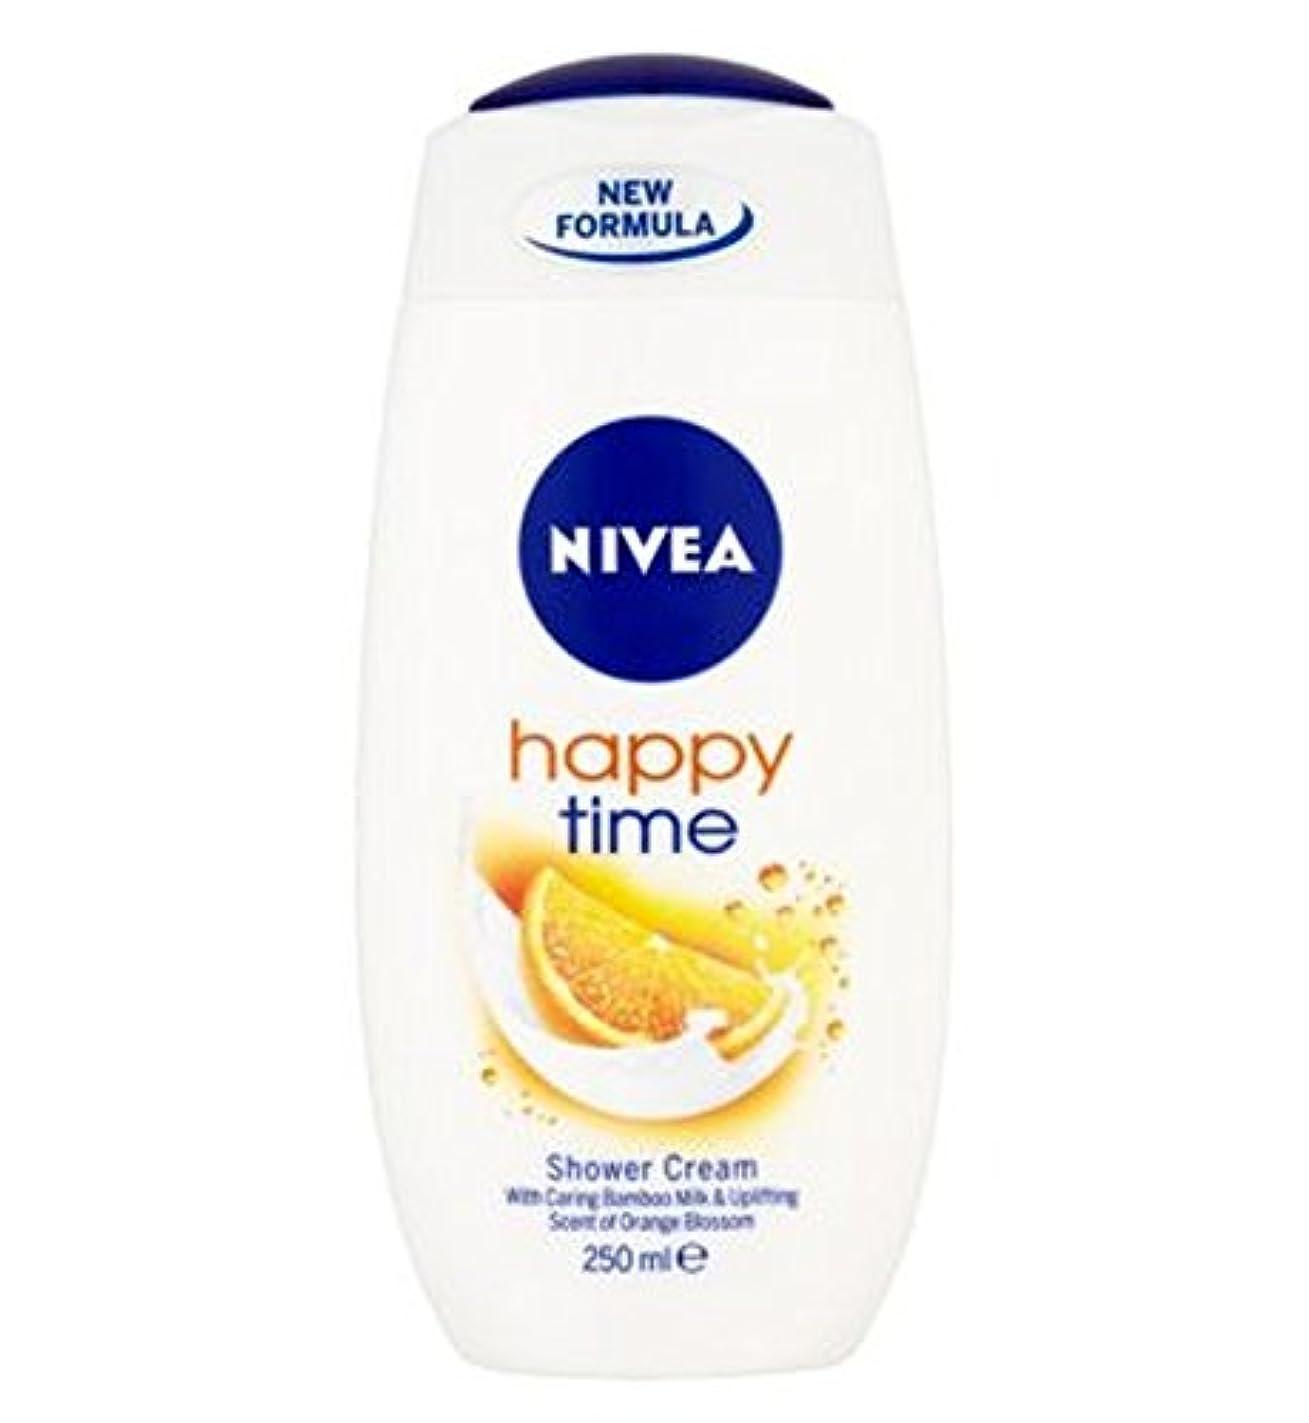 優勢とんでもない許すNIVEA Happy Time Shower Cream 250ml - ニベア幸せな時間シャワークリーム250ミリリットル (Nivea) [並行輸入品]